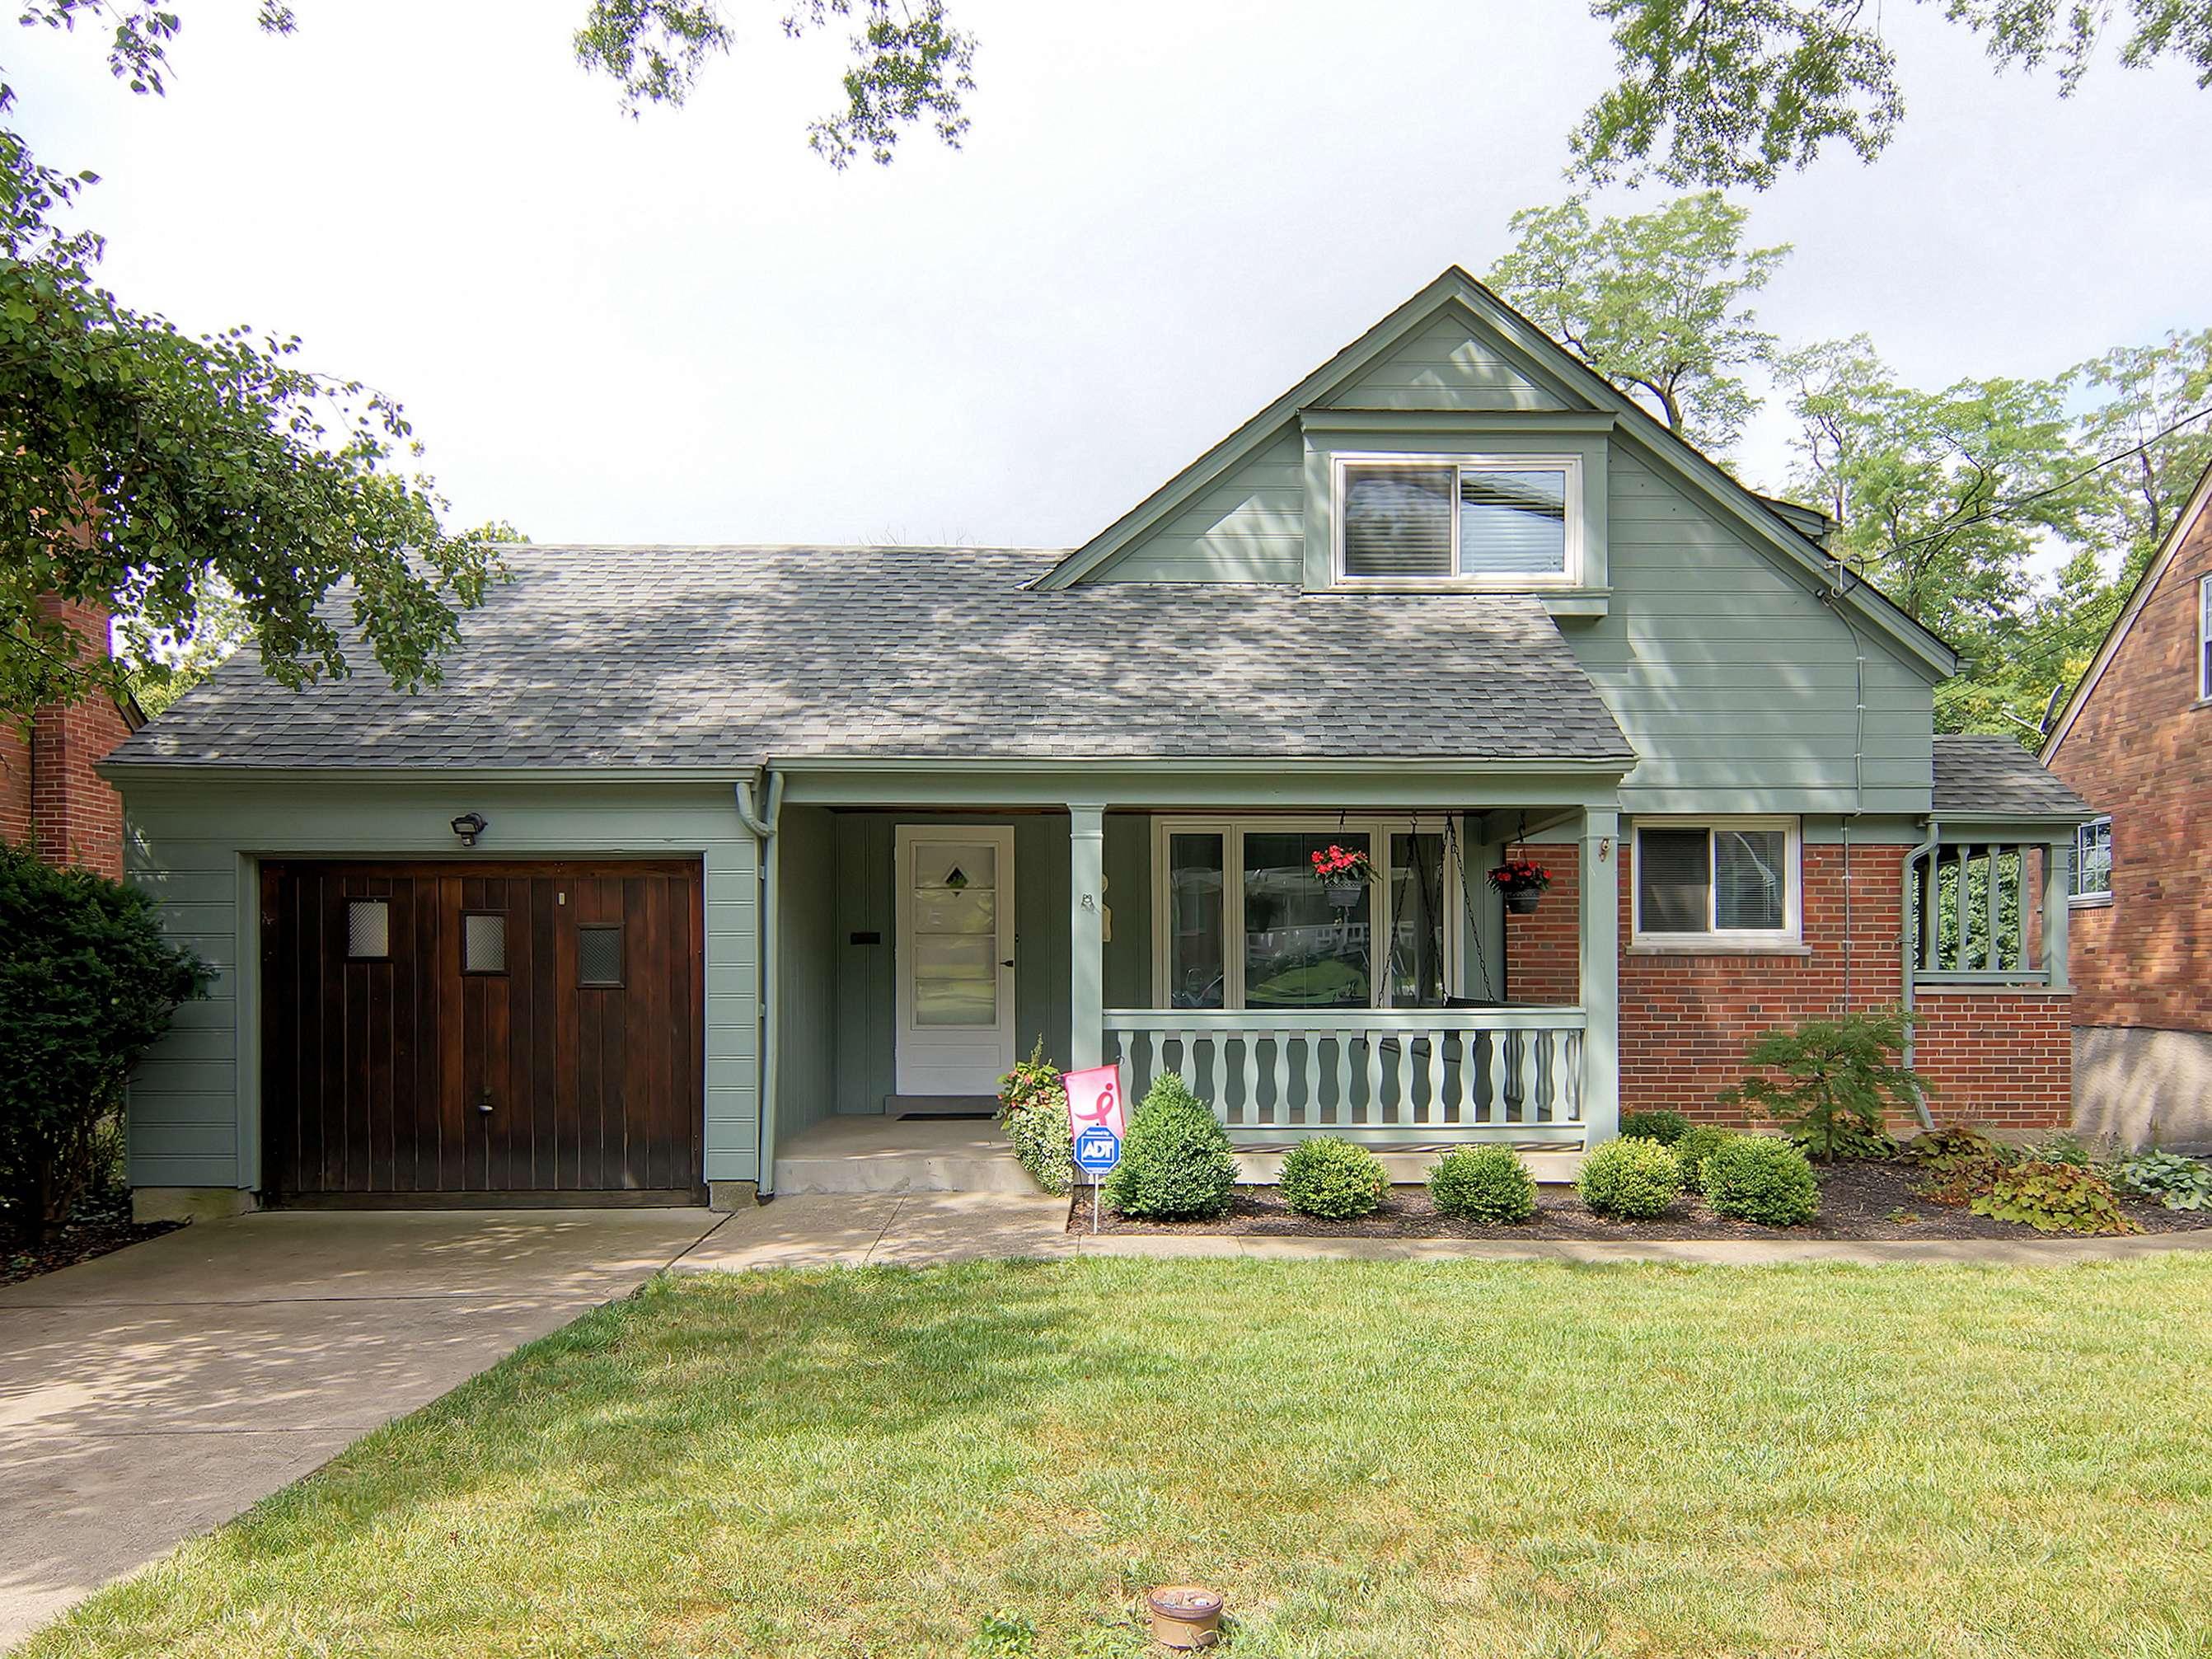 5749 Pandora Ave Cincinnati home for sale